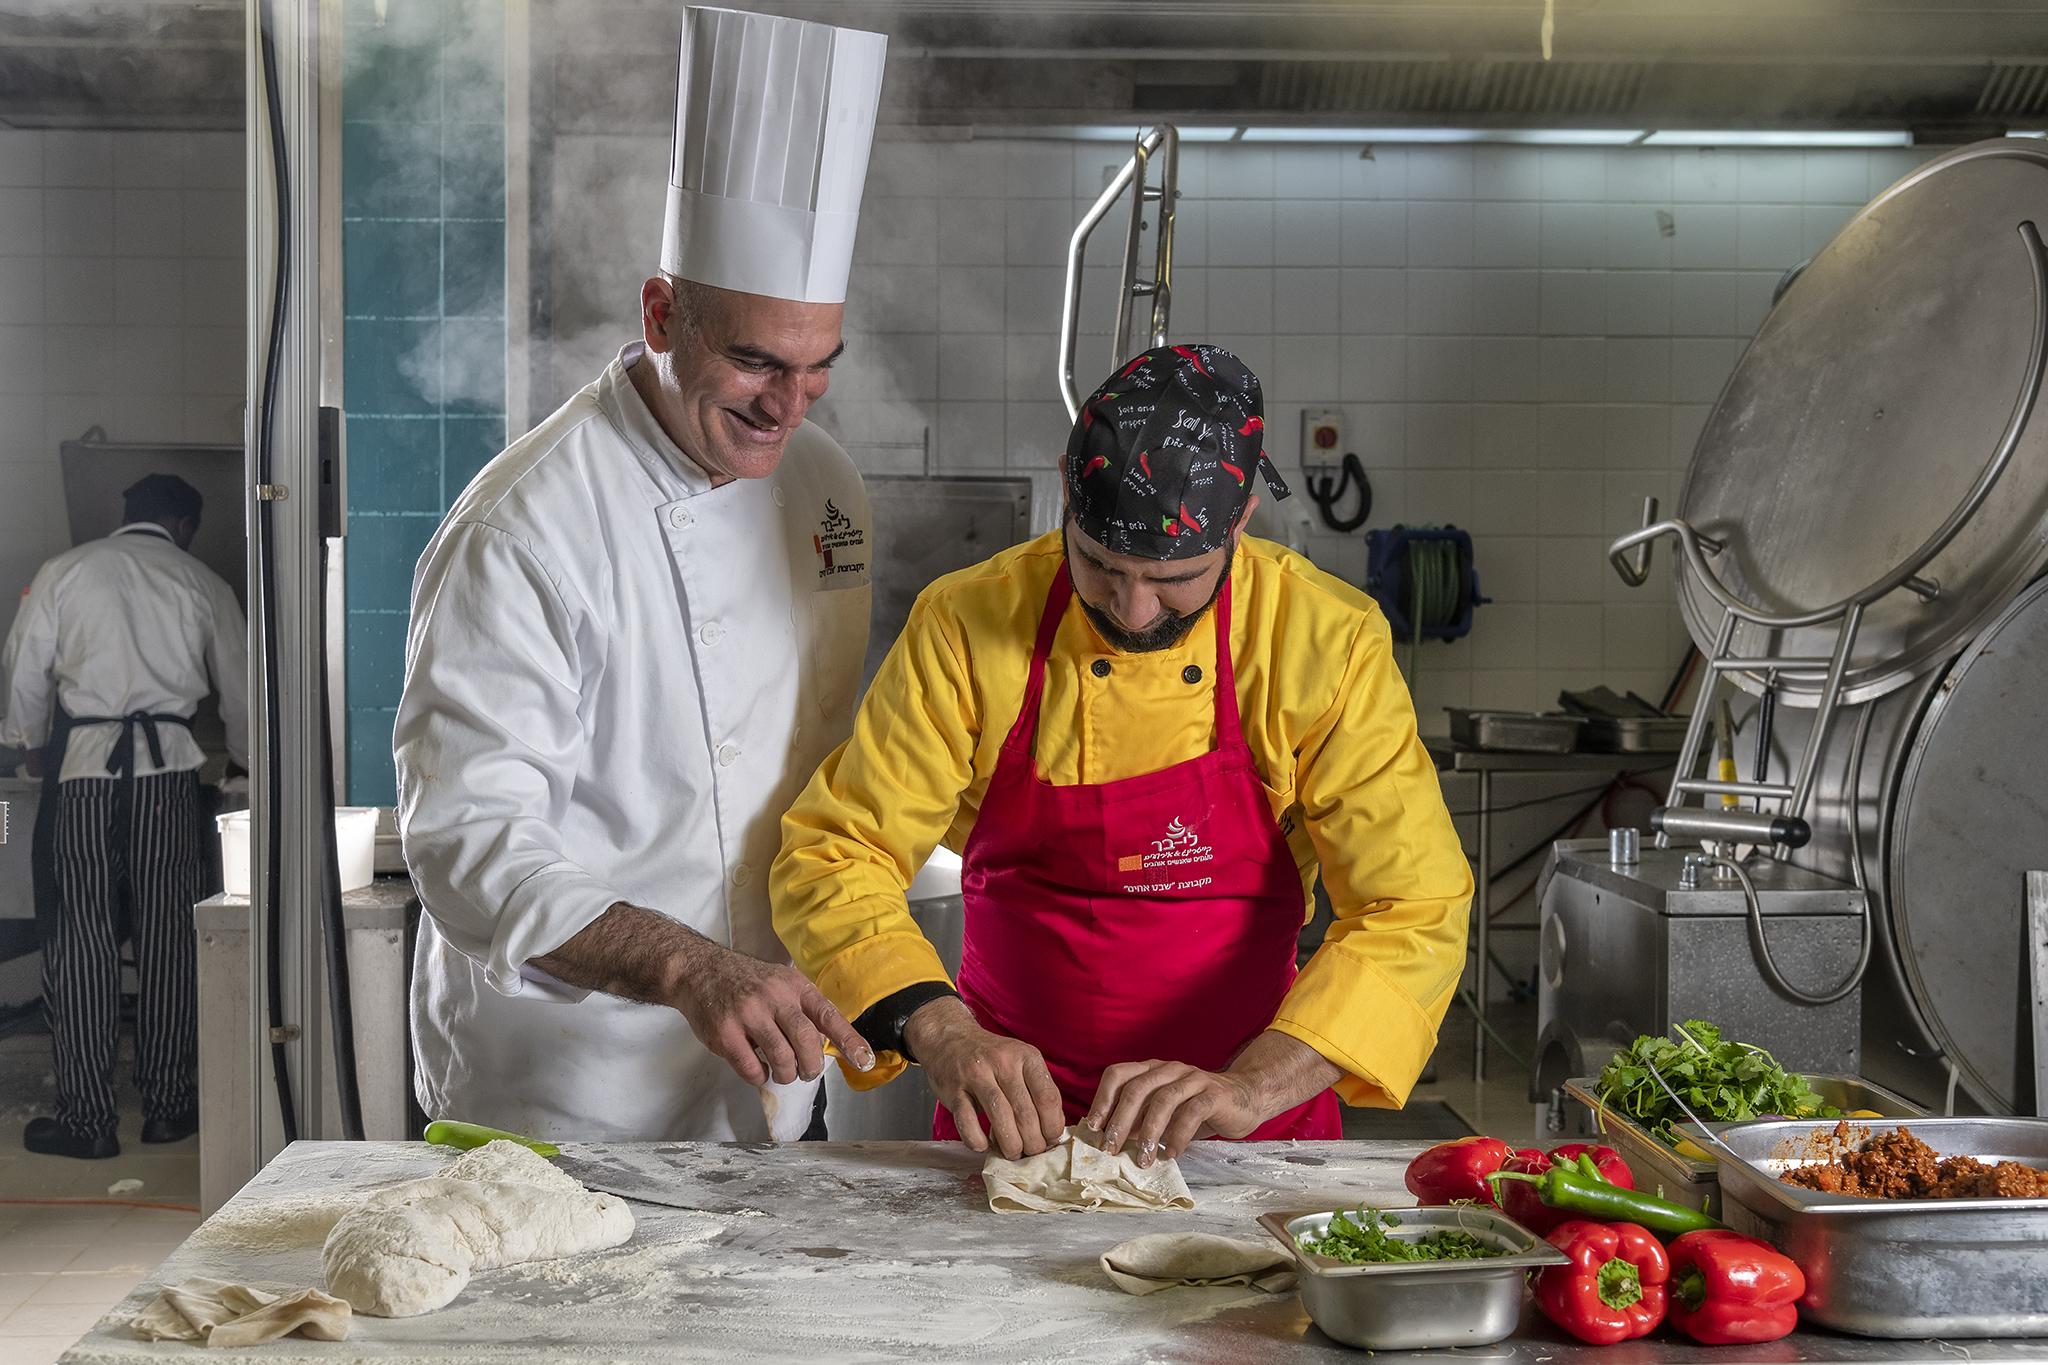 שפים סמטבח מוסדי